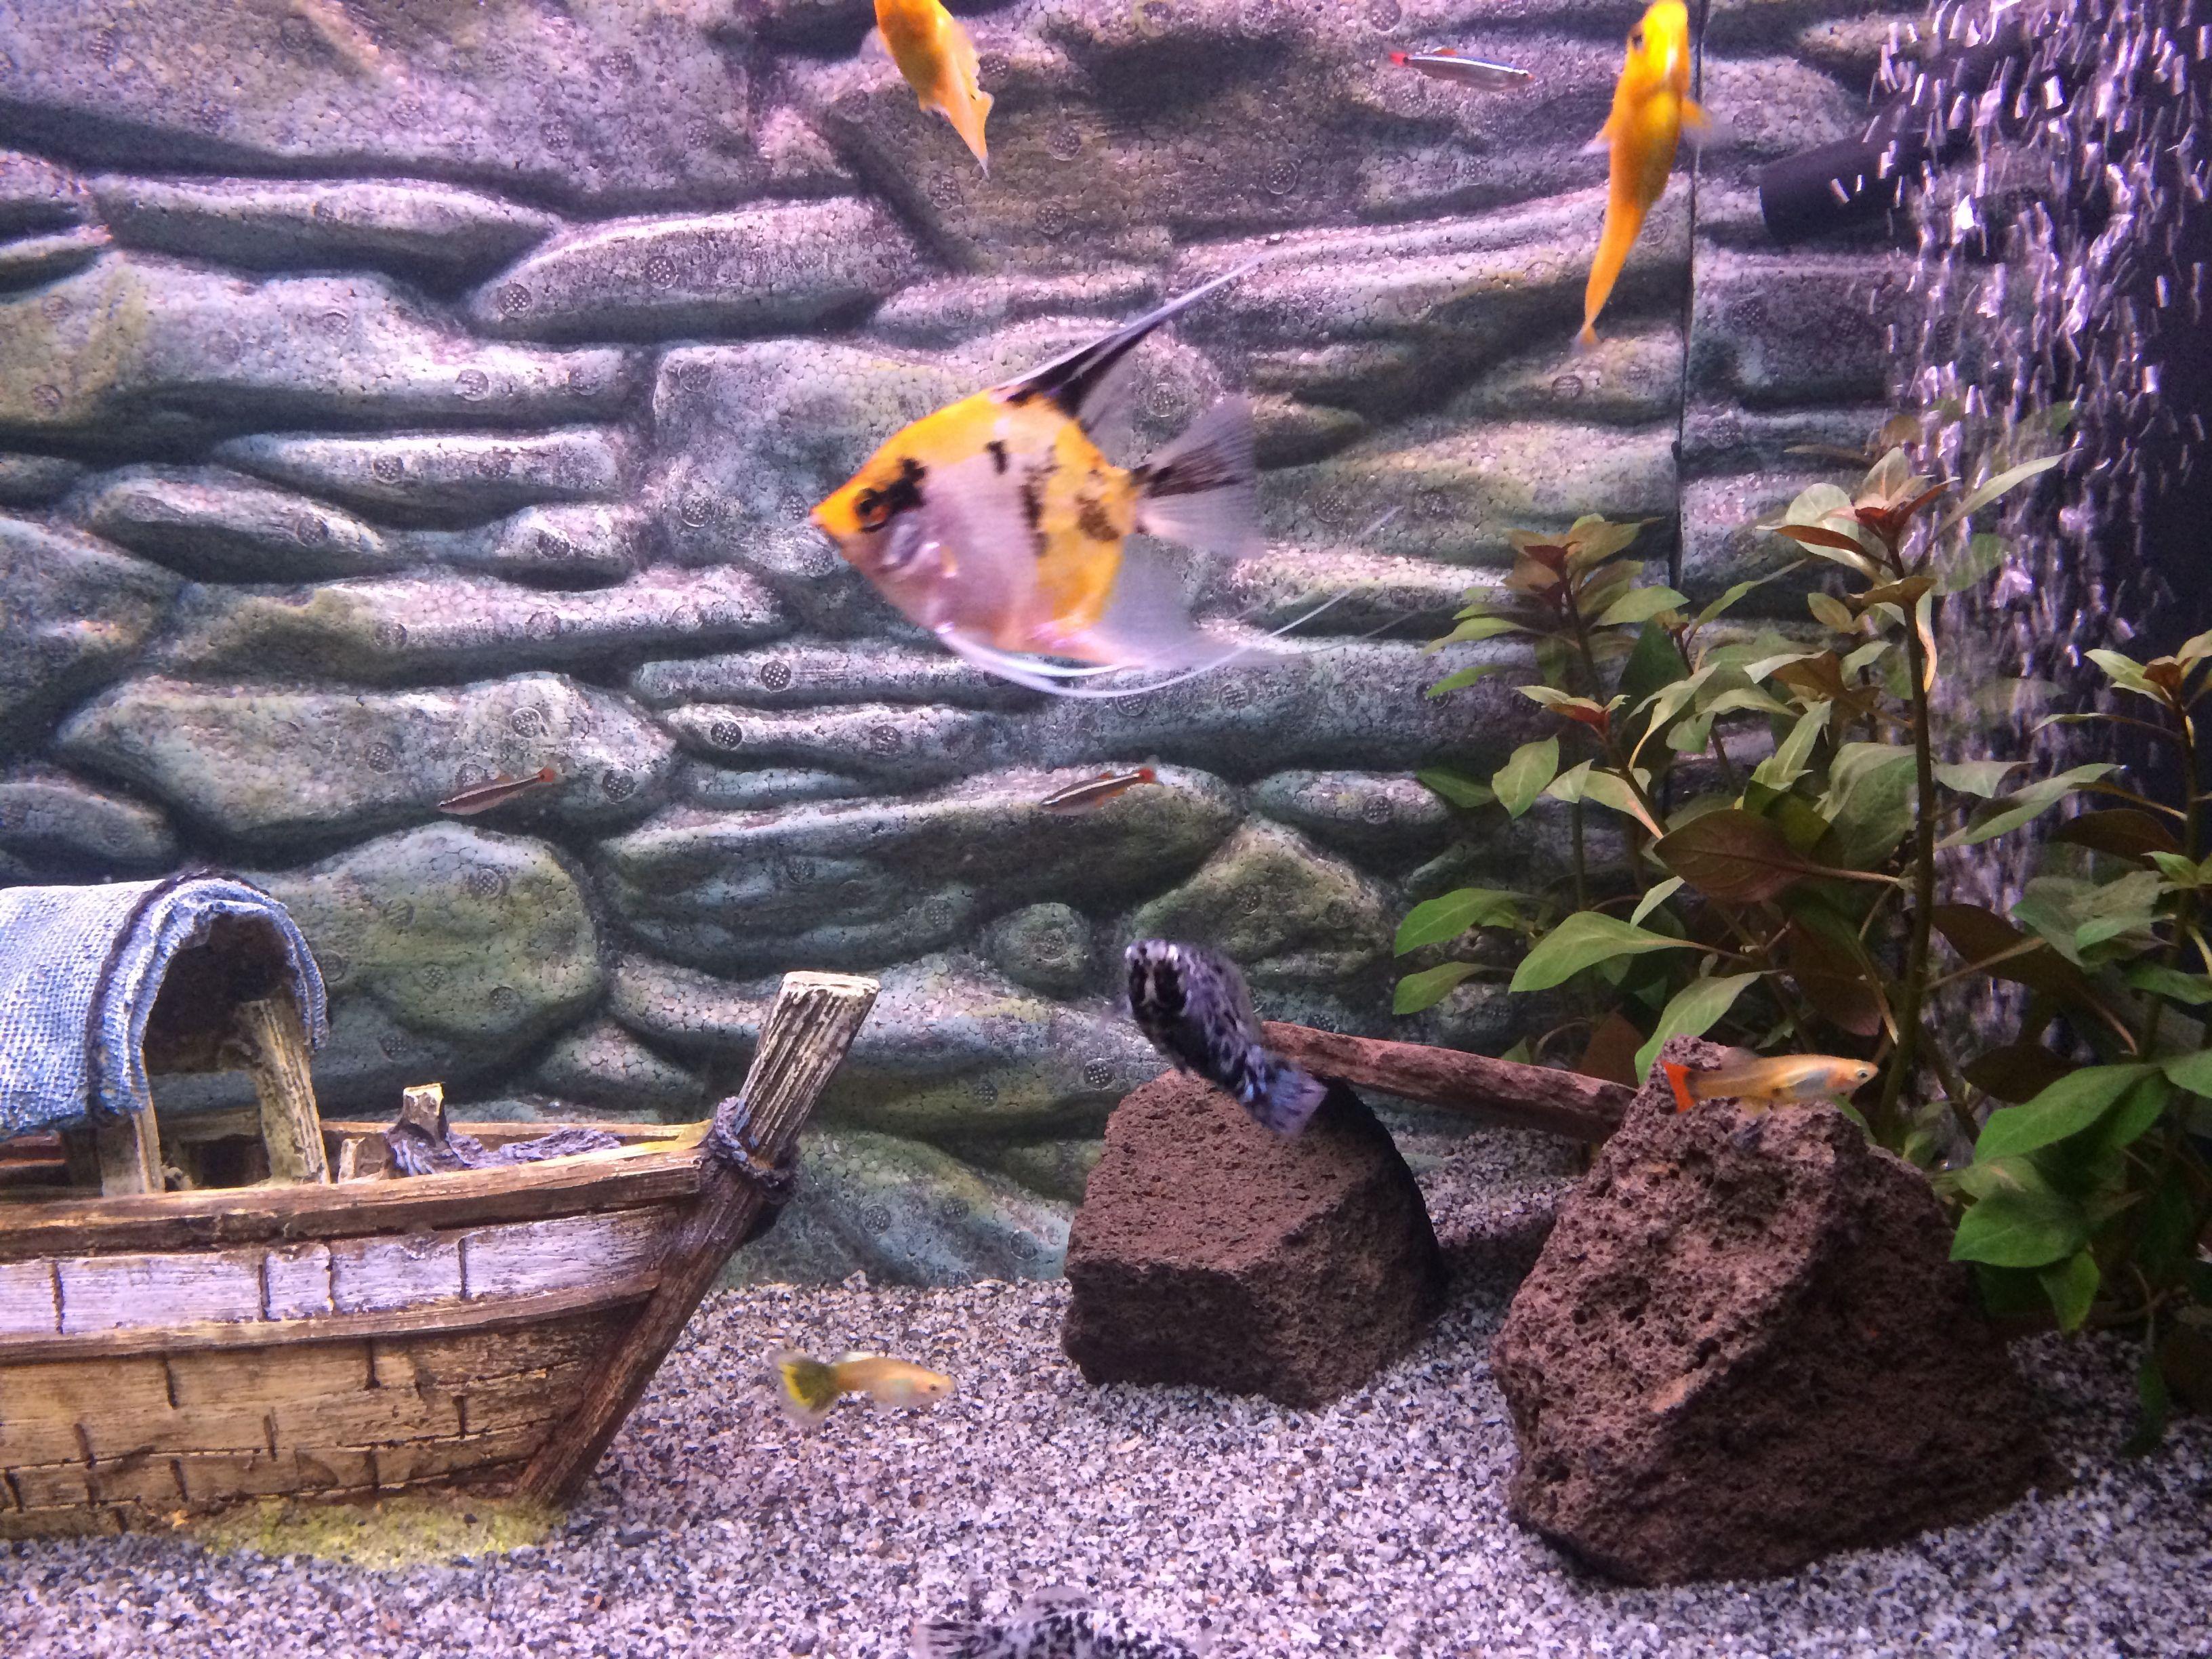 Koi maanvissen in tropisch zoetwateraquarium aquarium for Koi aquarium